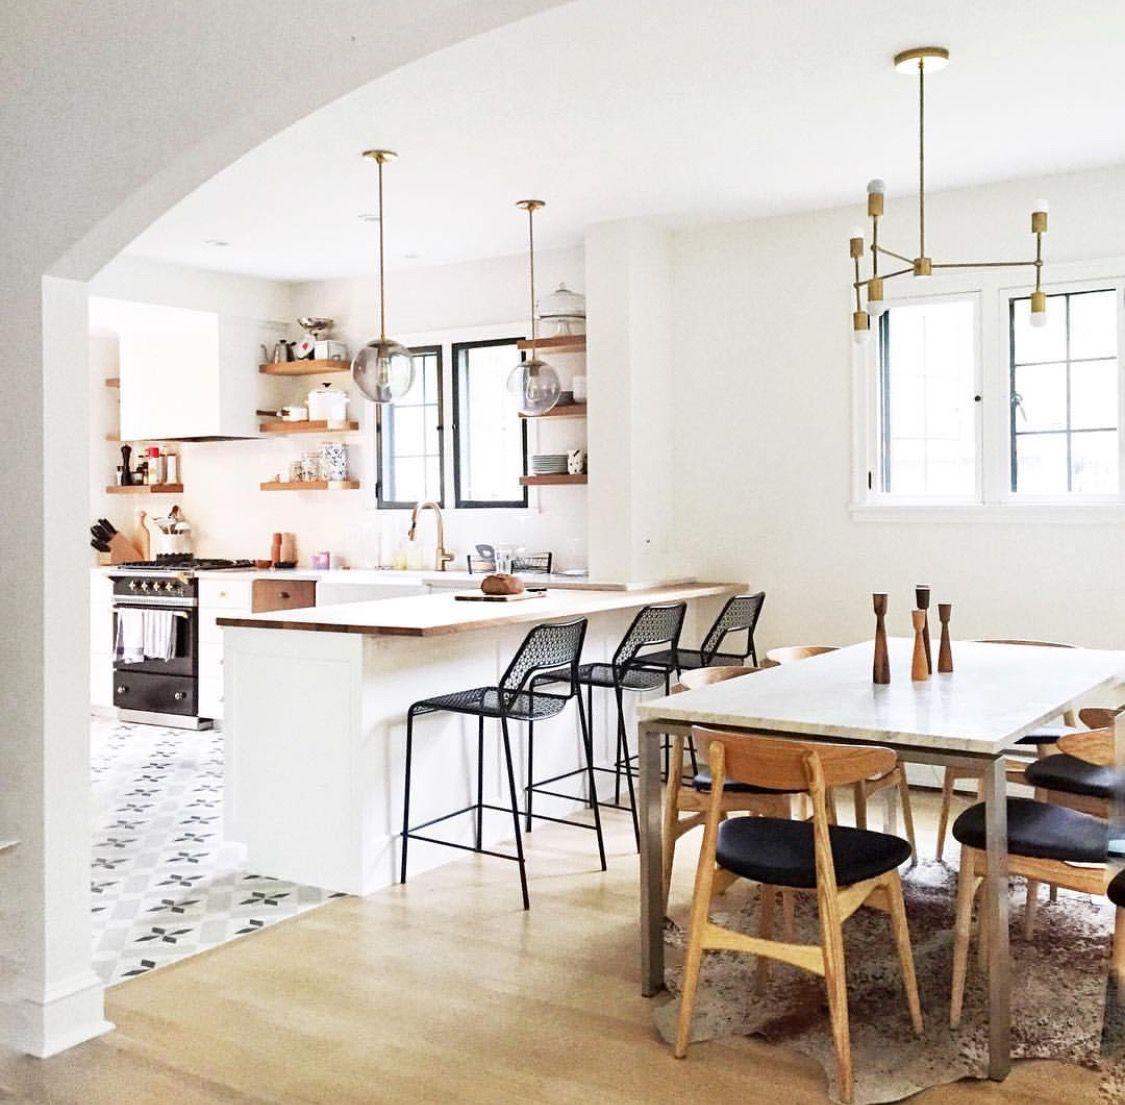 Moderne küchenideen der mitte des jahrhunderts pin von lea buchele auf haus  pinterest  haus moderne küche und